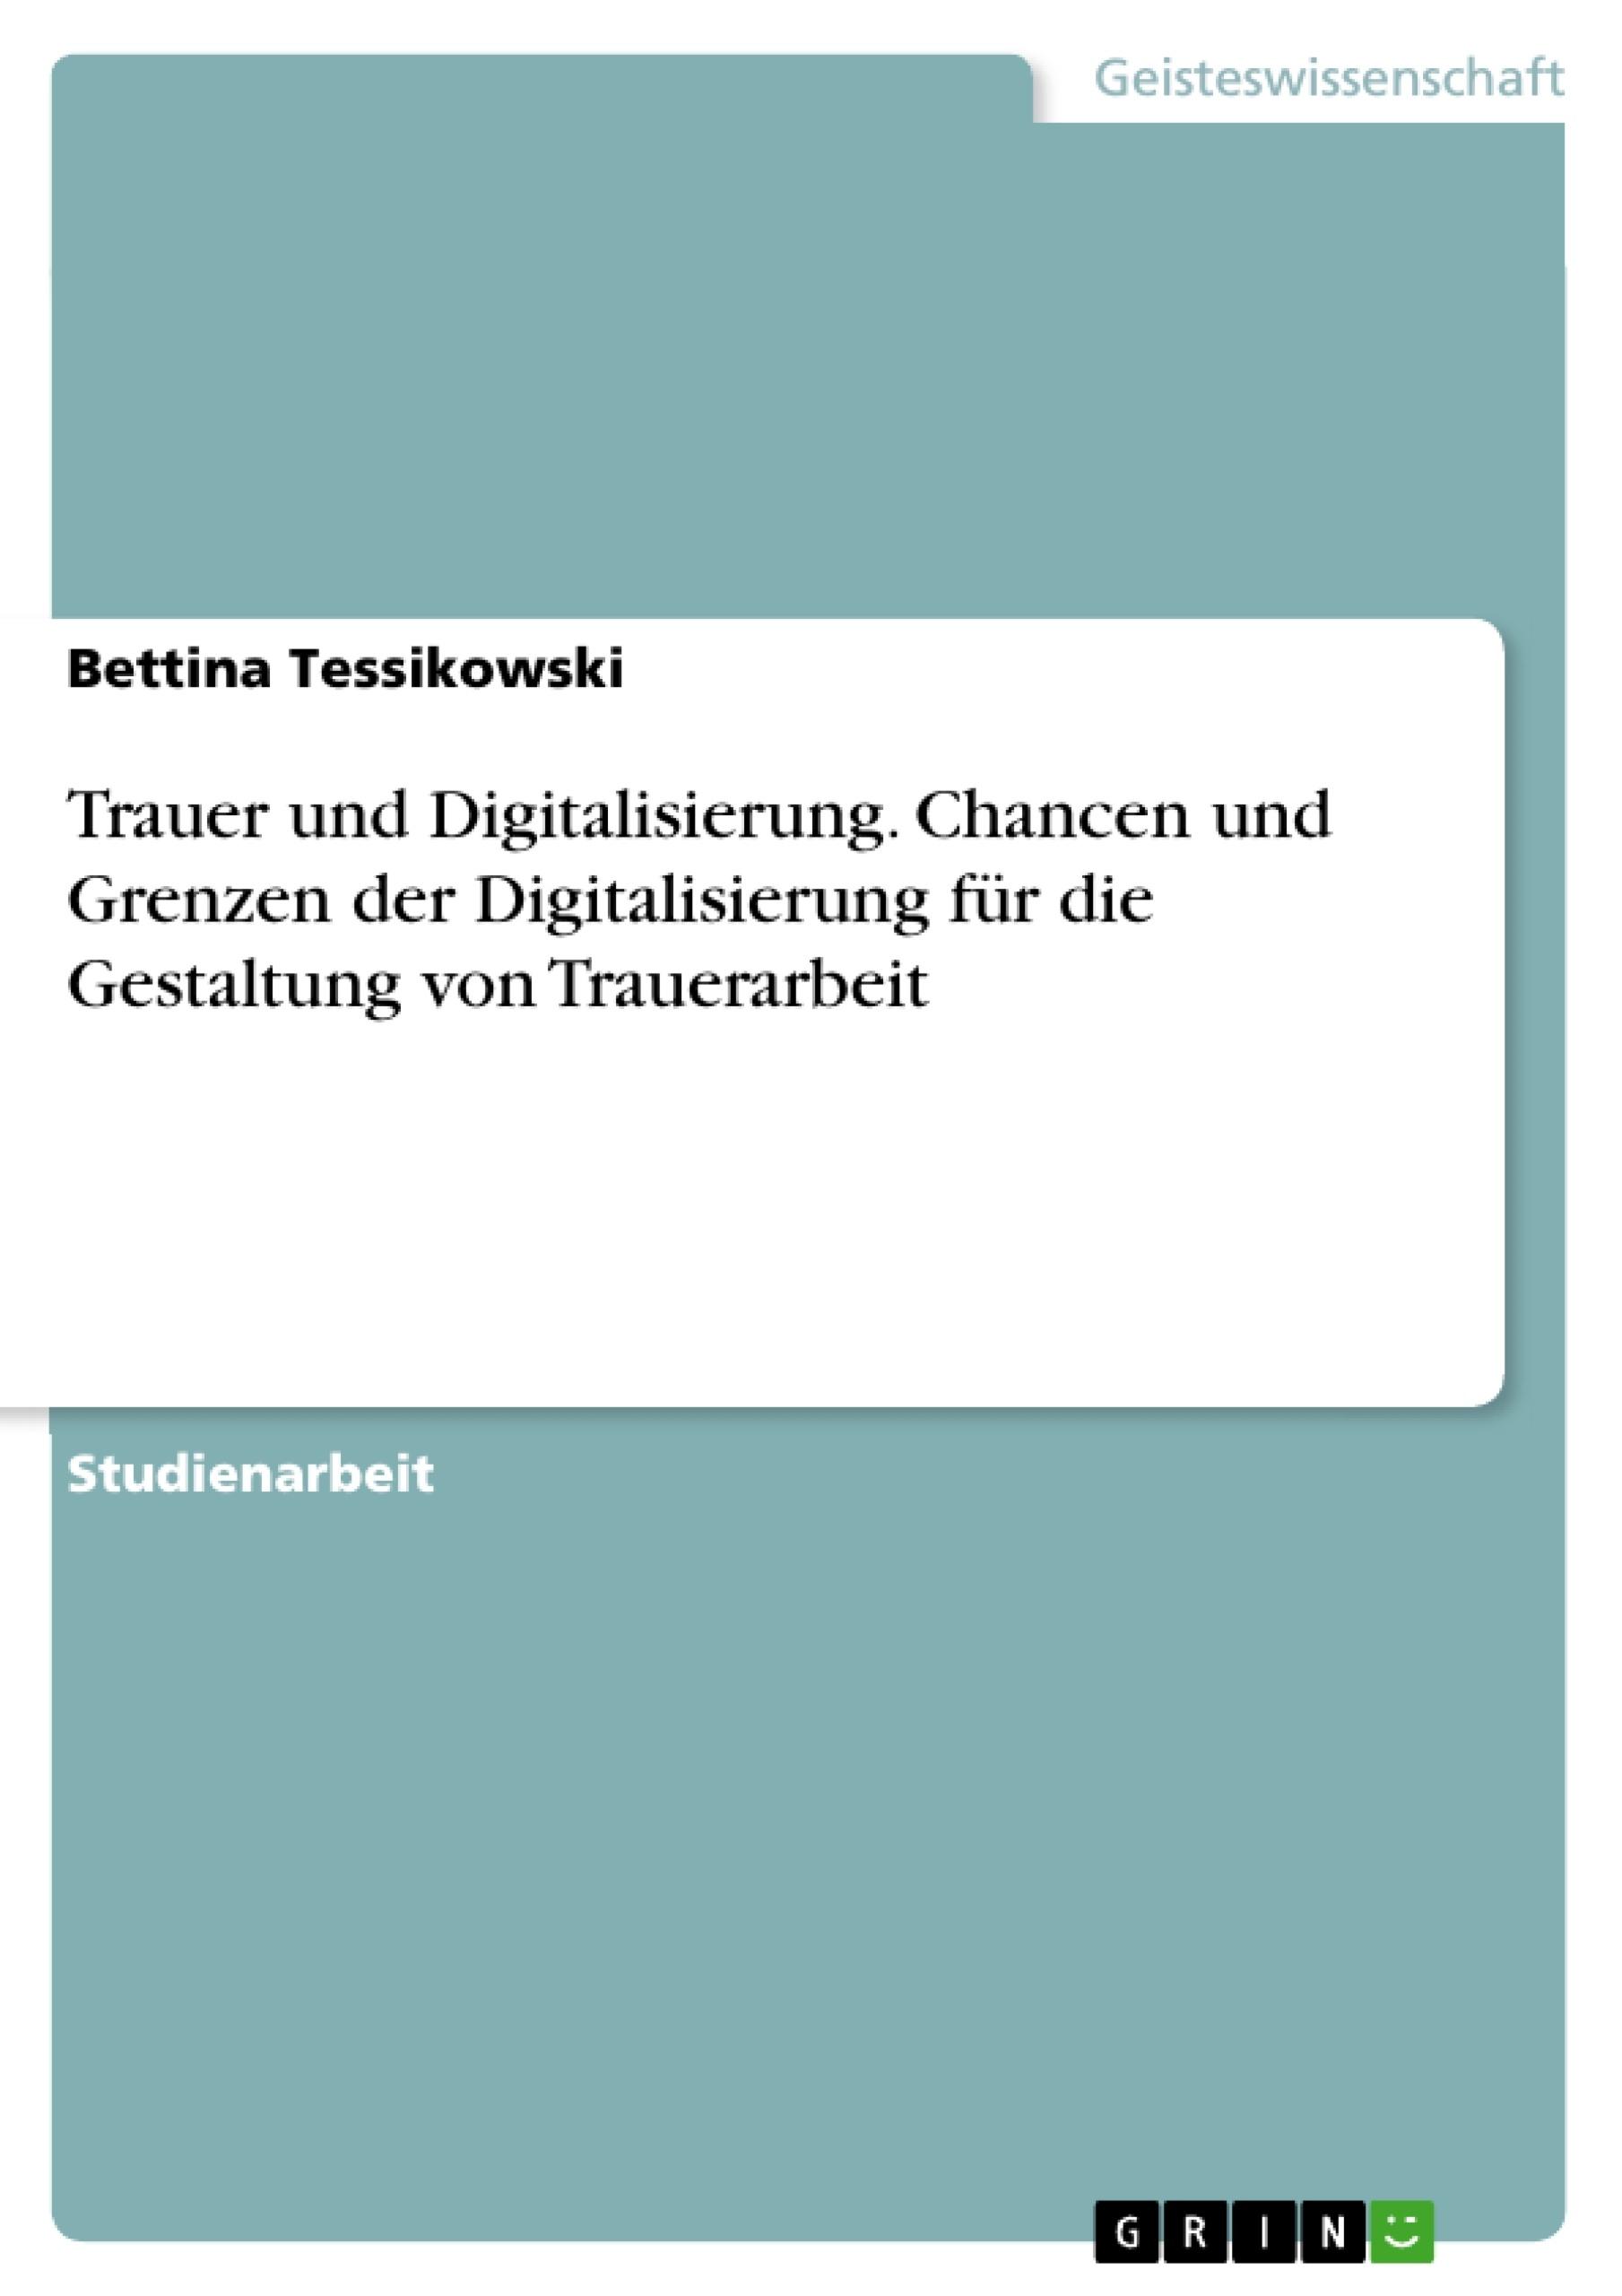 Titel: Trauer und Digitalisierung. Chancen und Grenzen der Digitalisierung für die Gestaltung von Trauerarbeit